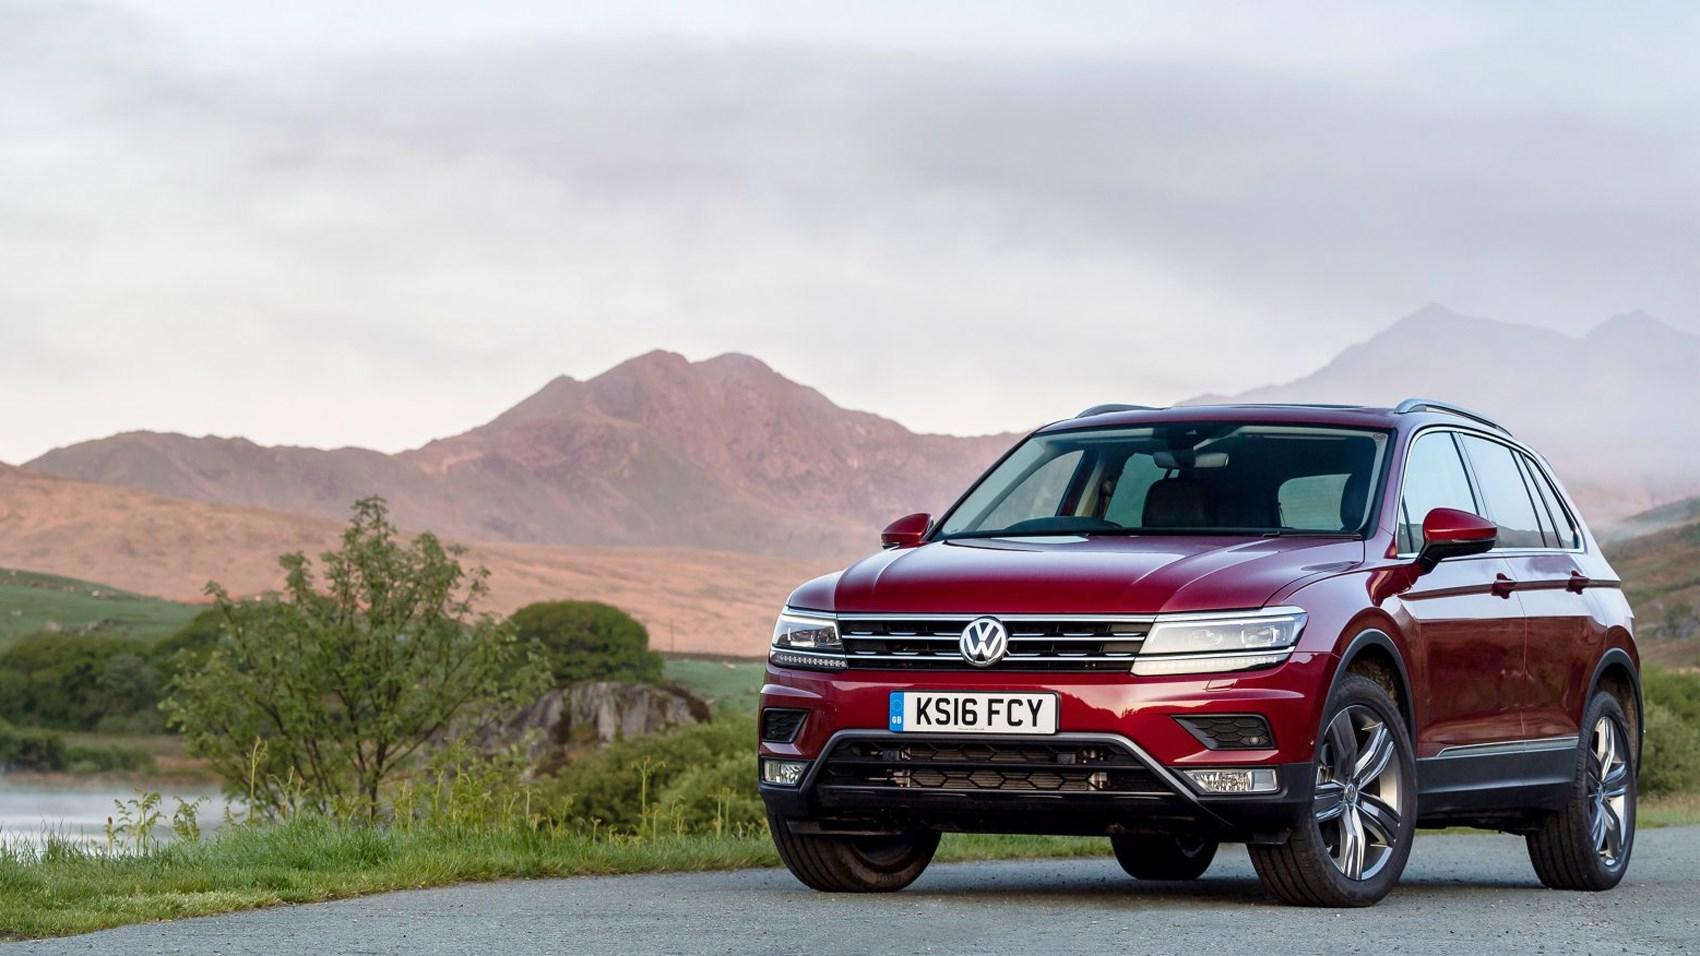 VW Tiguan 2.0 TDI 150 SE Nav 2wd (2016) review by CAR Magazine